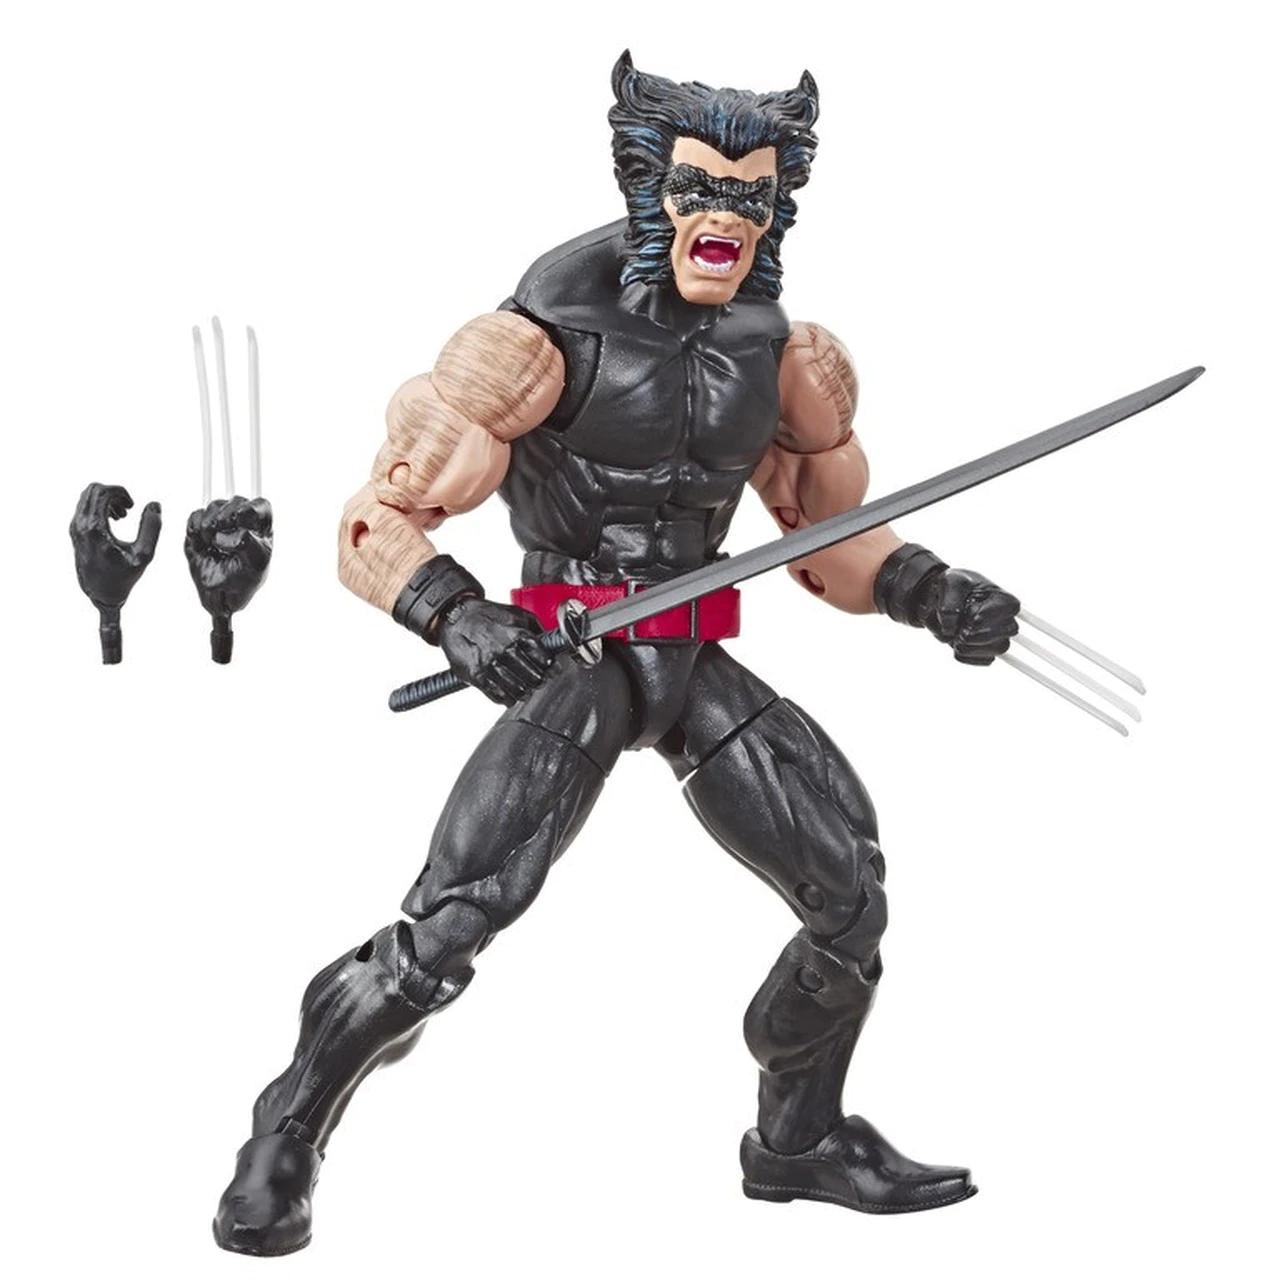 Фигурка Hasbro,  Росомаха, 14 см - 80 Year Marvel, Uncanny X-men, Wolverine, Action Figure